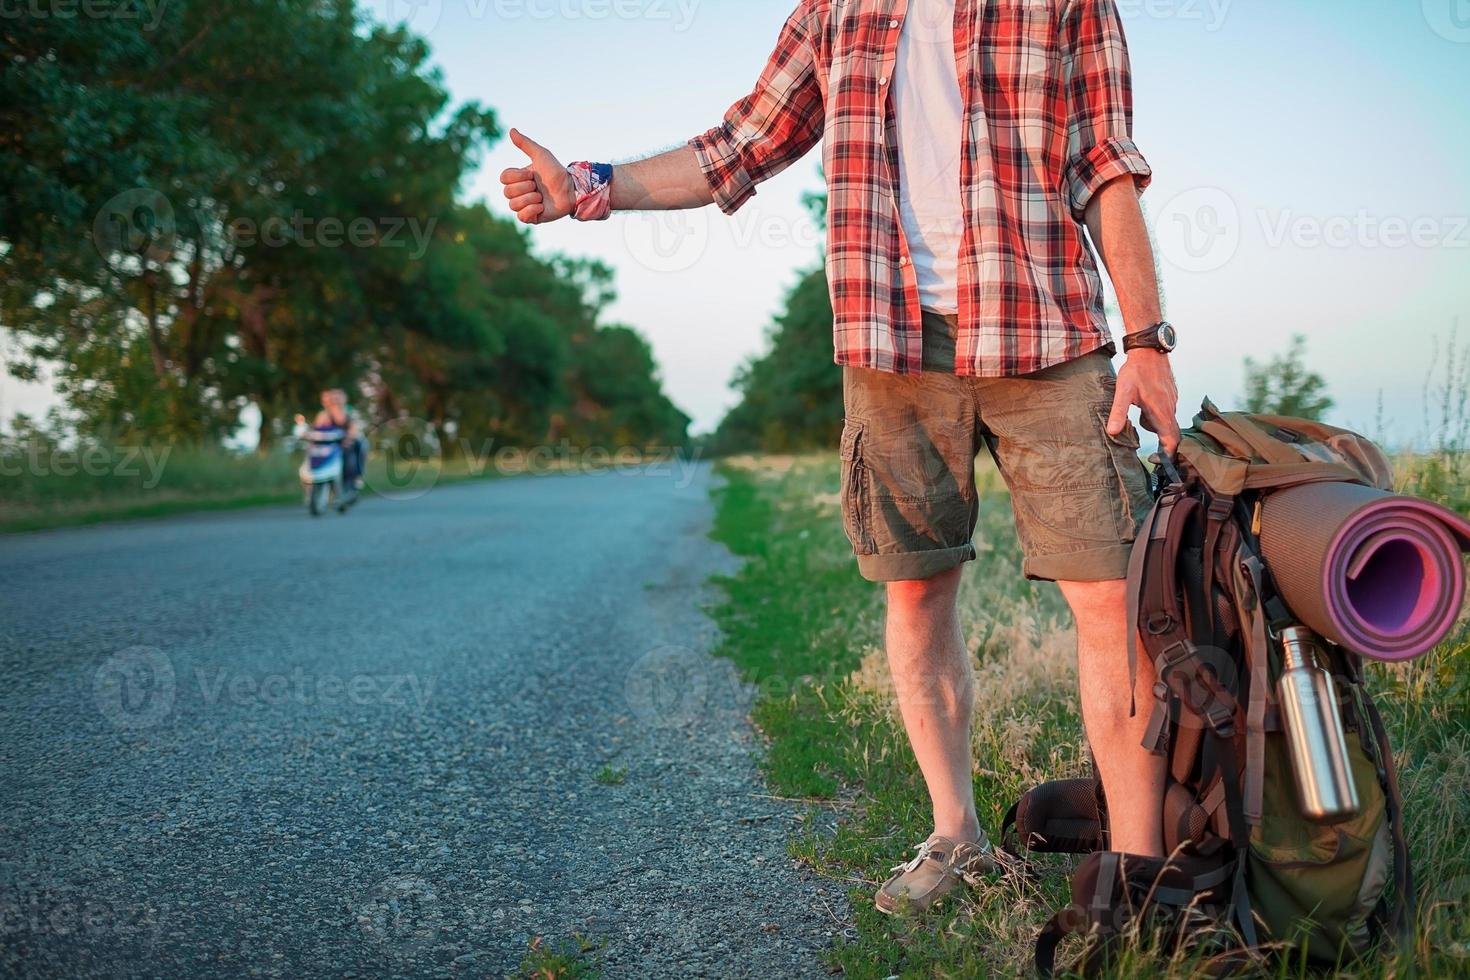 joven turista caucásico haciendo autostop a lo largo de una carretera foto